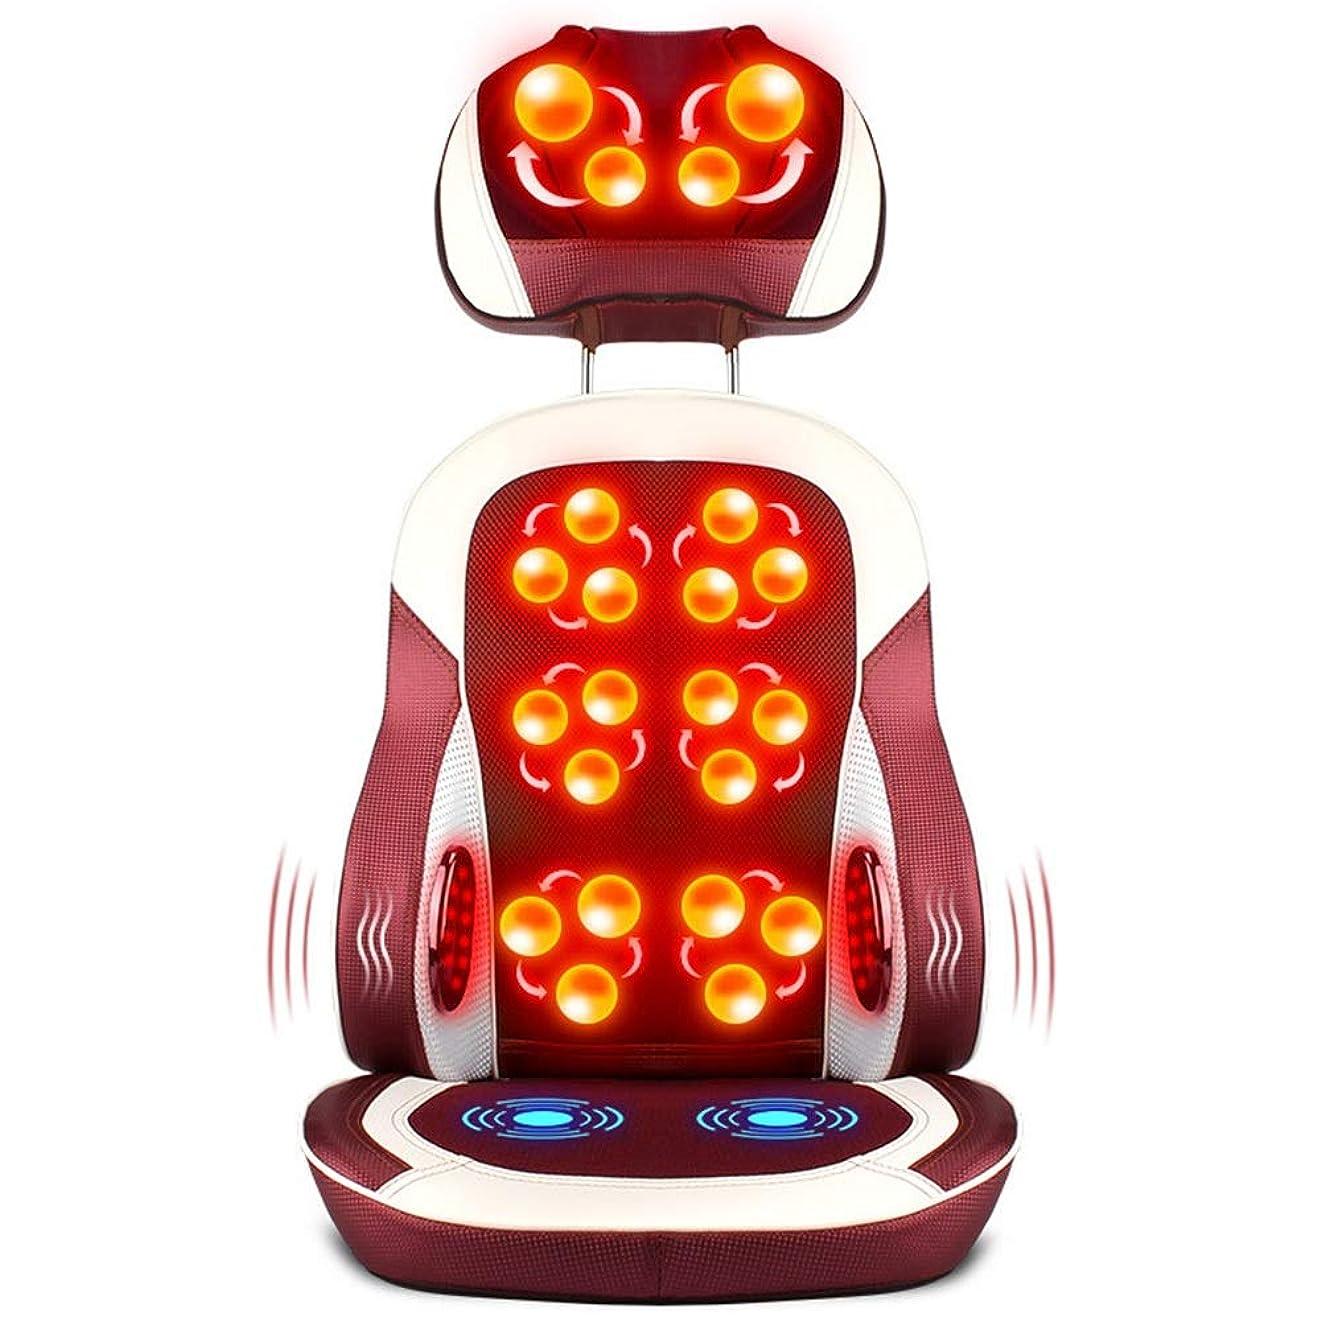 力合成半島マッサージのクッション - 首の腰部の腰部ホームオフィスのための熱クッションが付いている多機能の一定した温度椅子のためのマッサージのクッション